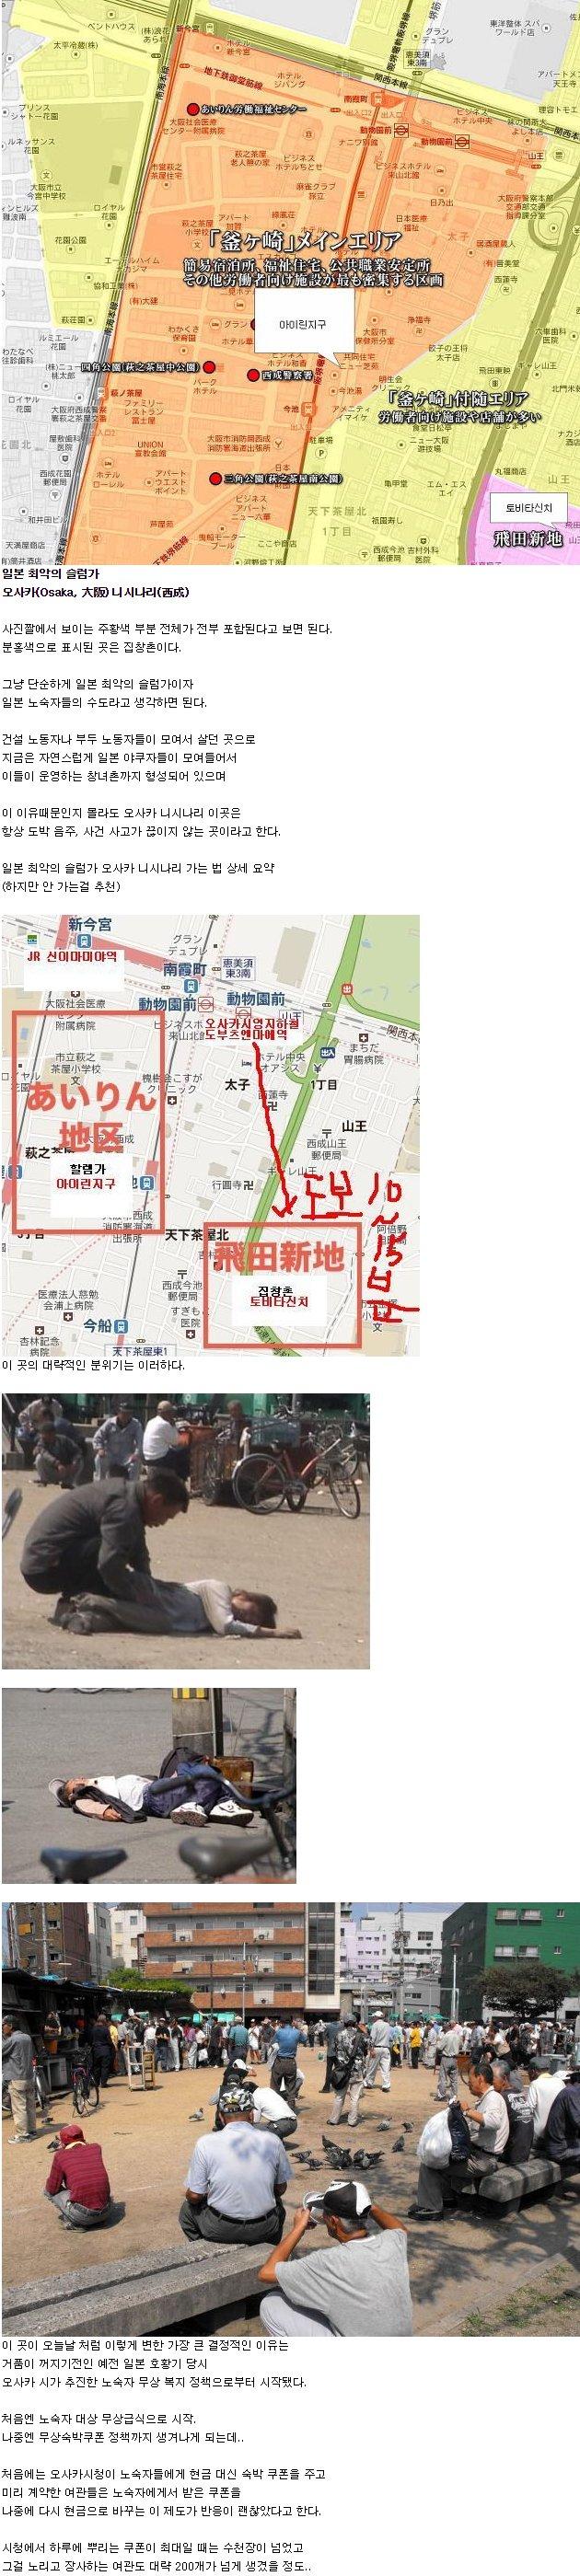 일본최악의슬럼가1.png